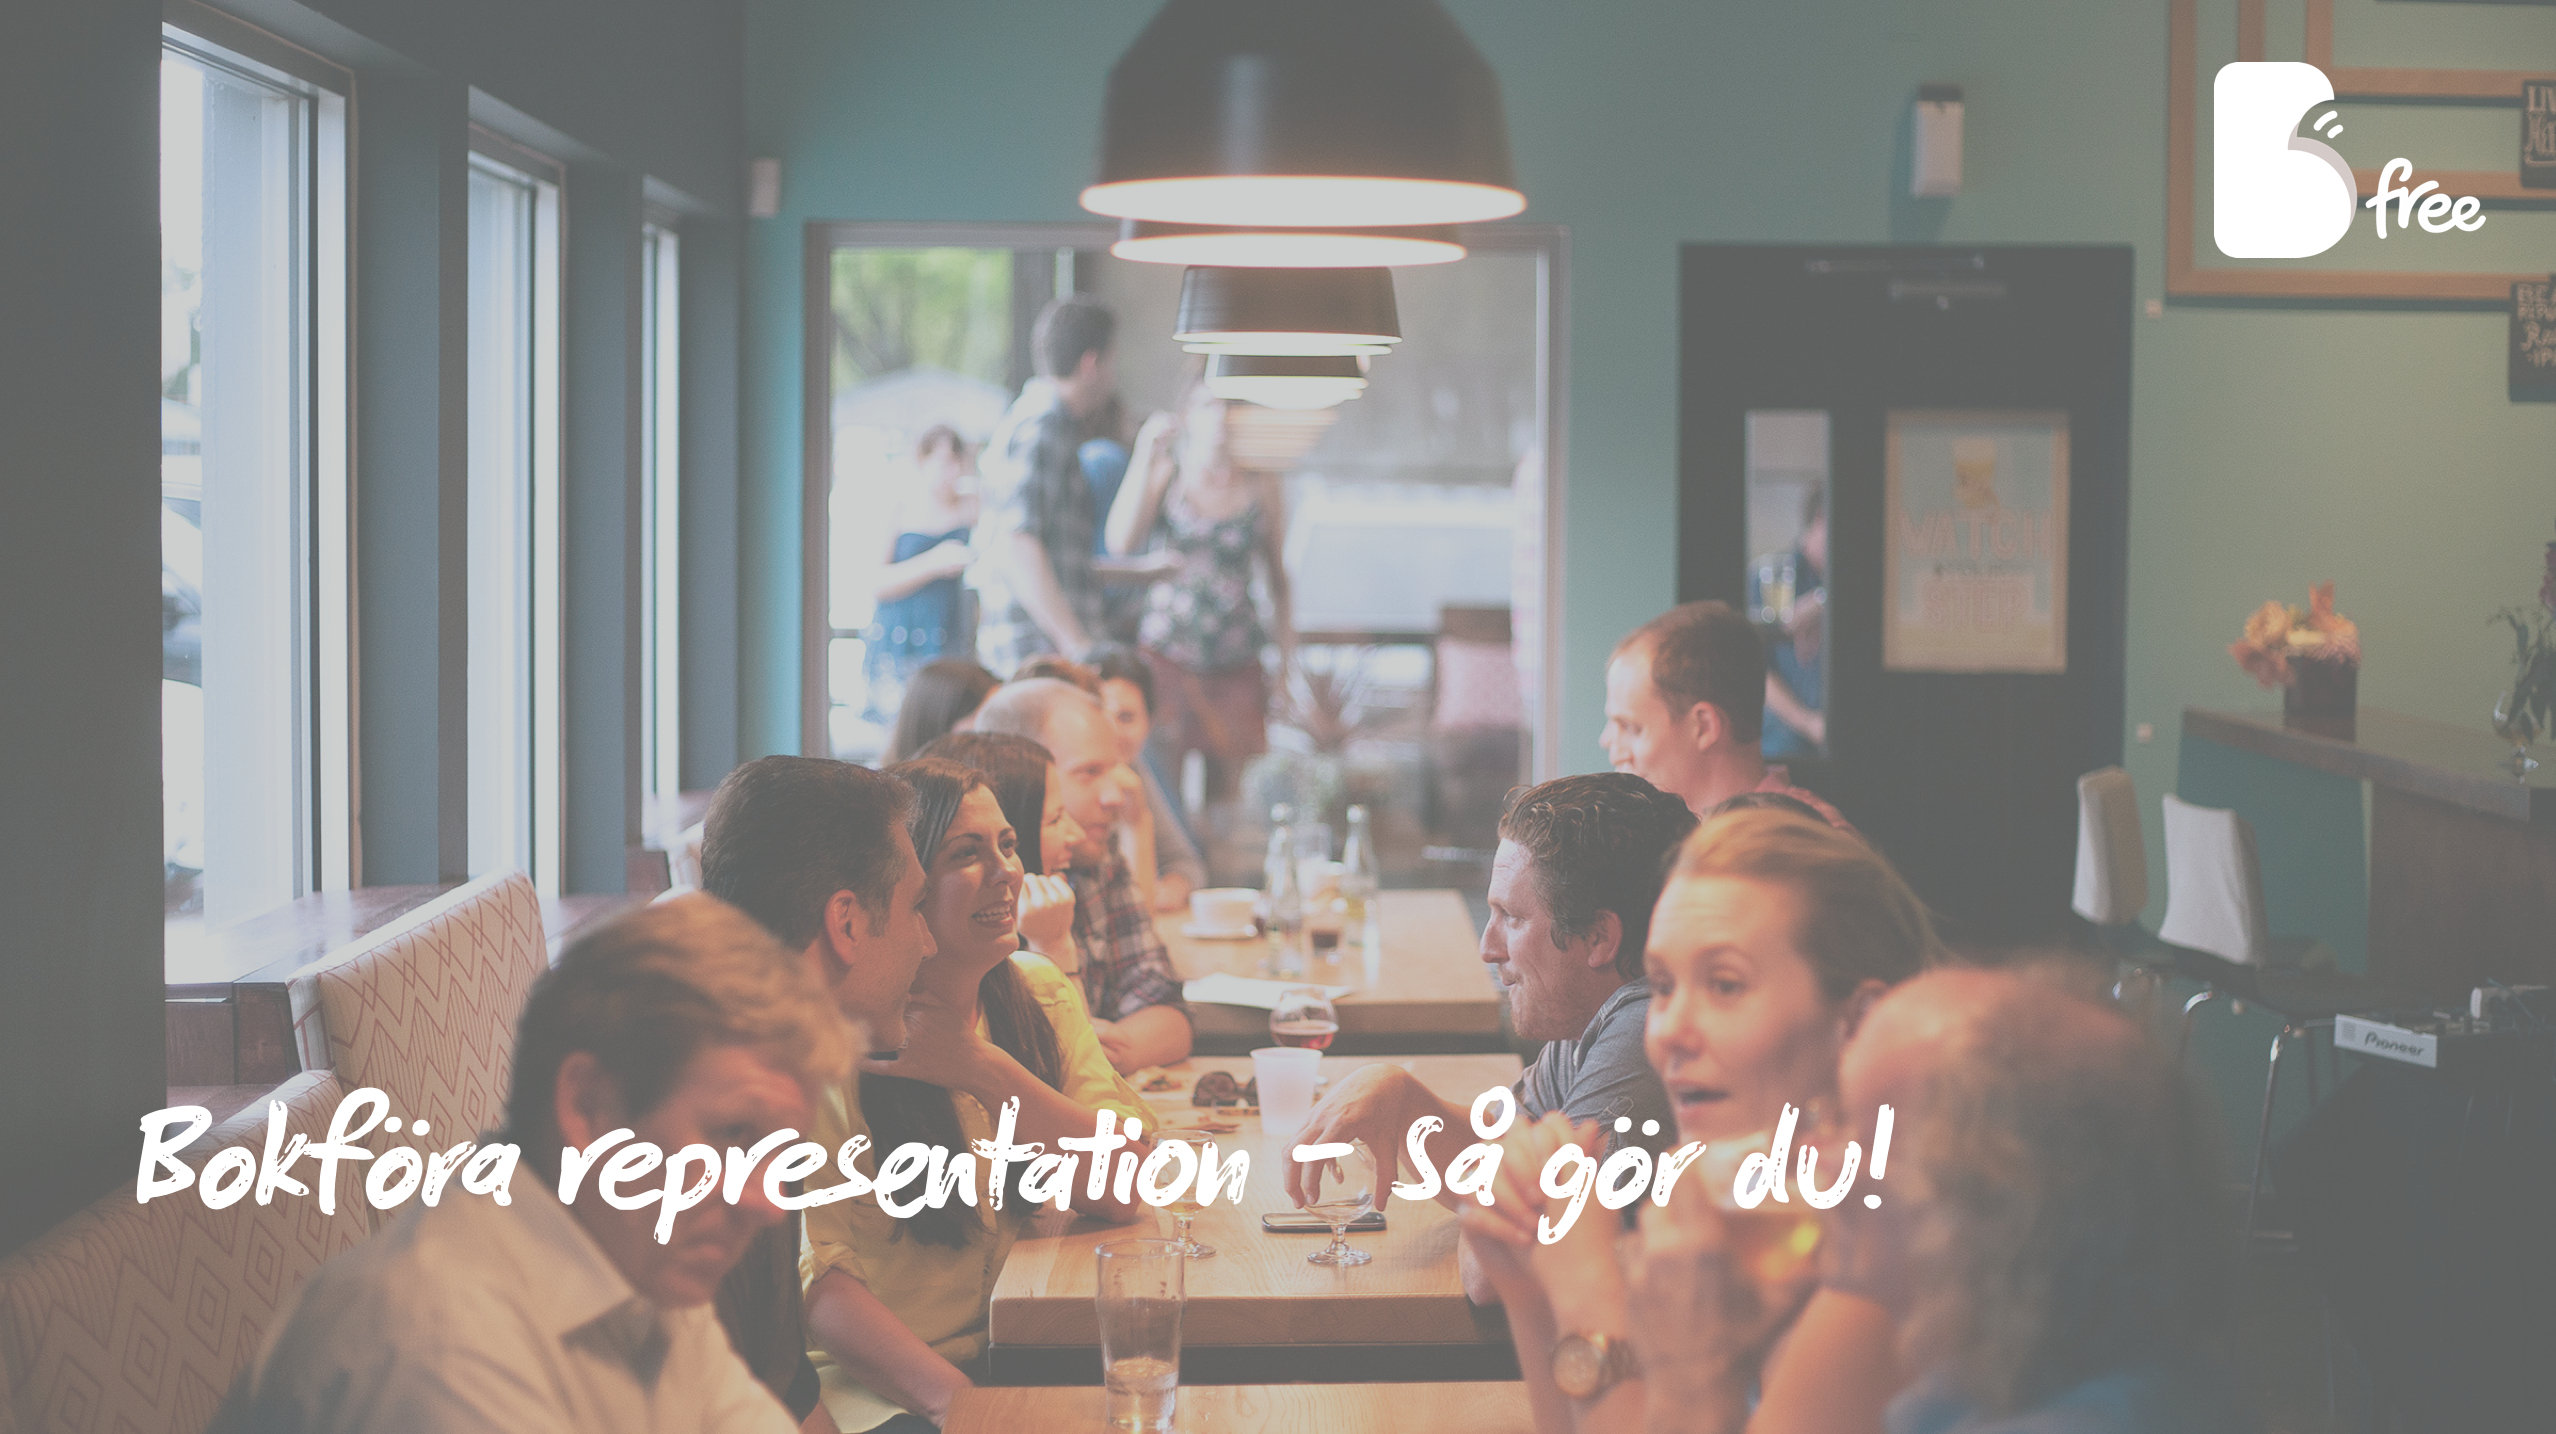 Bokföra representation – Så gör du